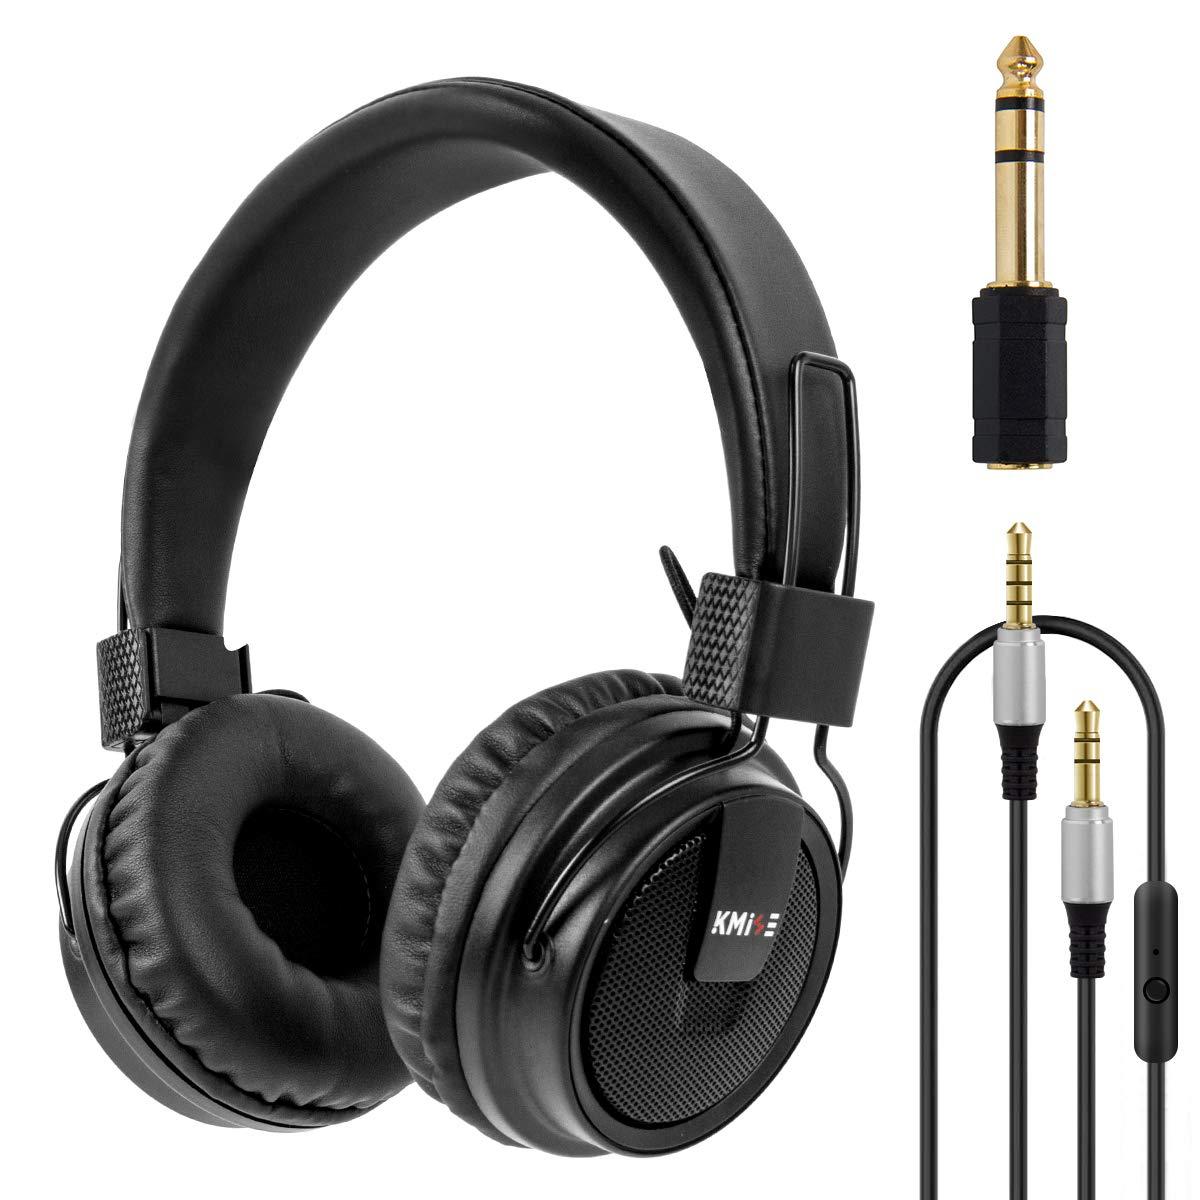 Headphones Stereo Headset Foldable Super Bass Full Sized Over-Ear Earphones for PC Phone by Kmise